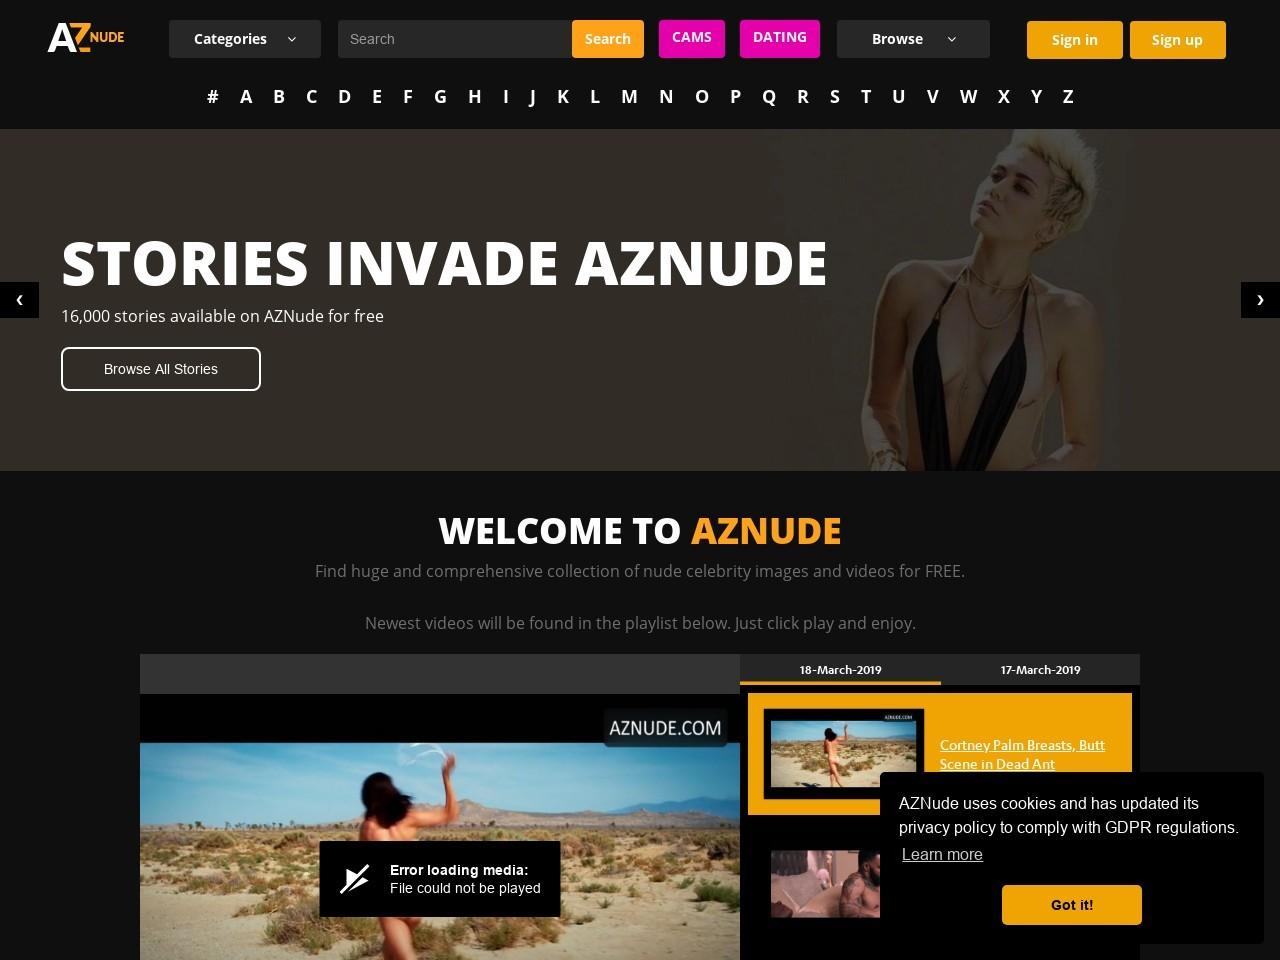 AZNude